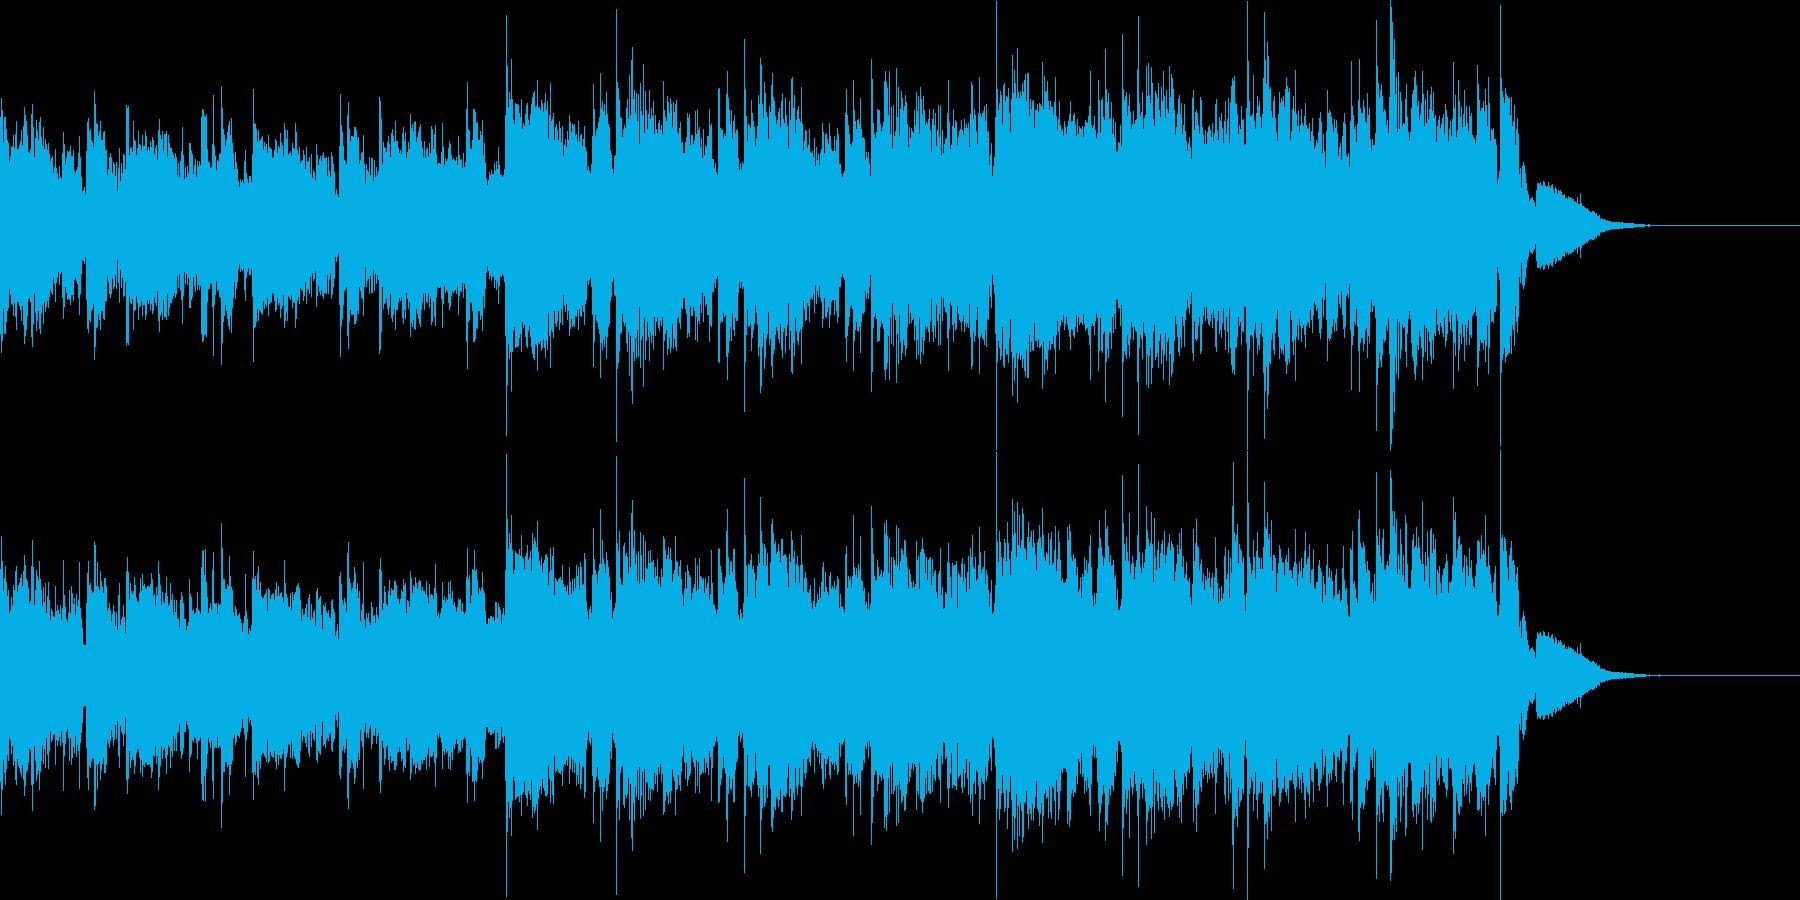 エレキギターのかっこいいBGMの再生済みの波形